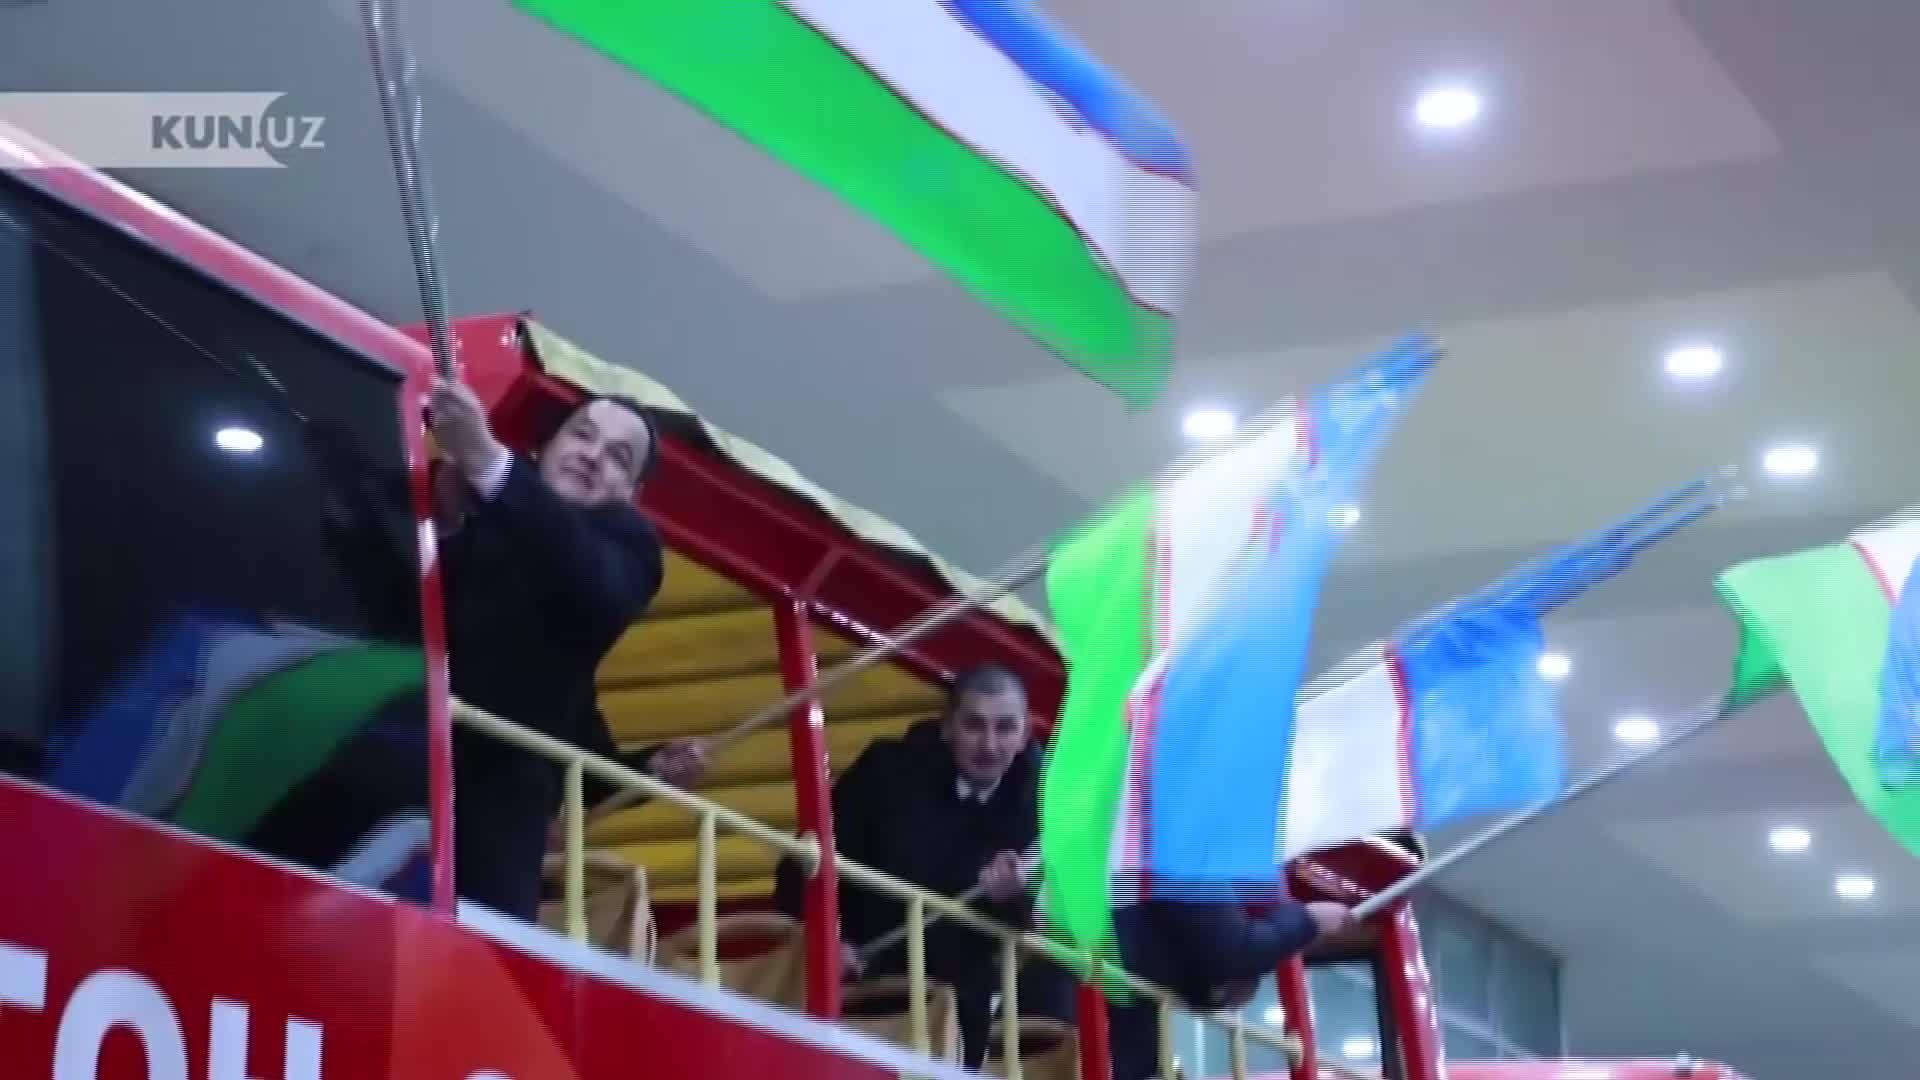 Xe buýt hai tầng chở U23 Uzbekistan lao băng băng trong đêm